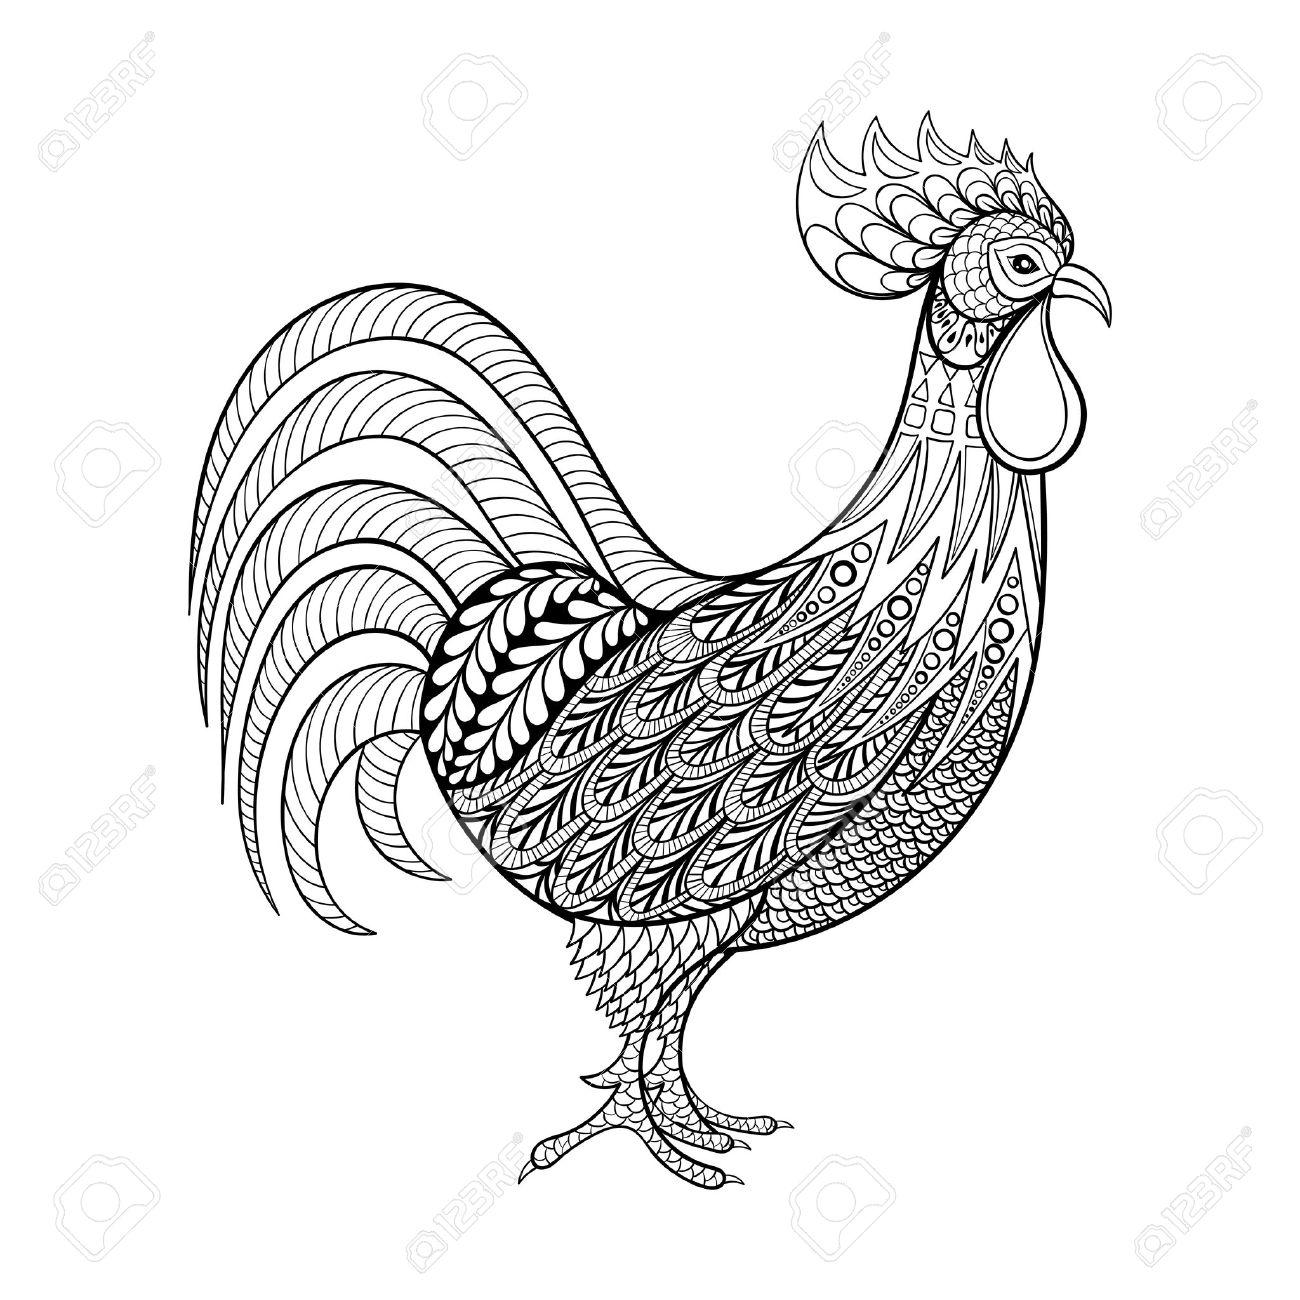 Schön Gebratenes Huhn Malvorlagen Ideen - Malvorlagen Von Tieren ...